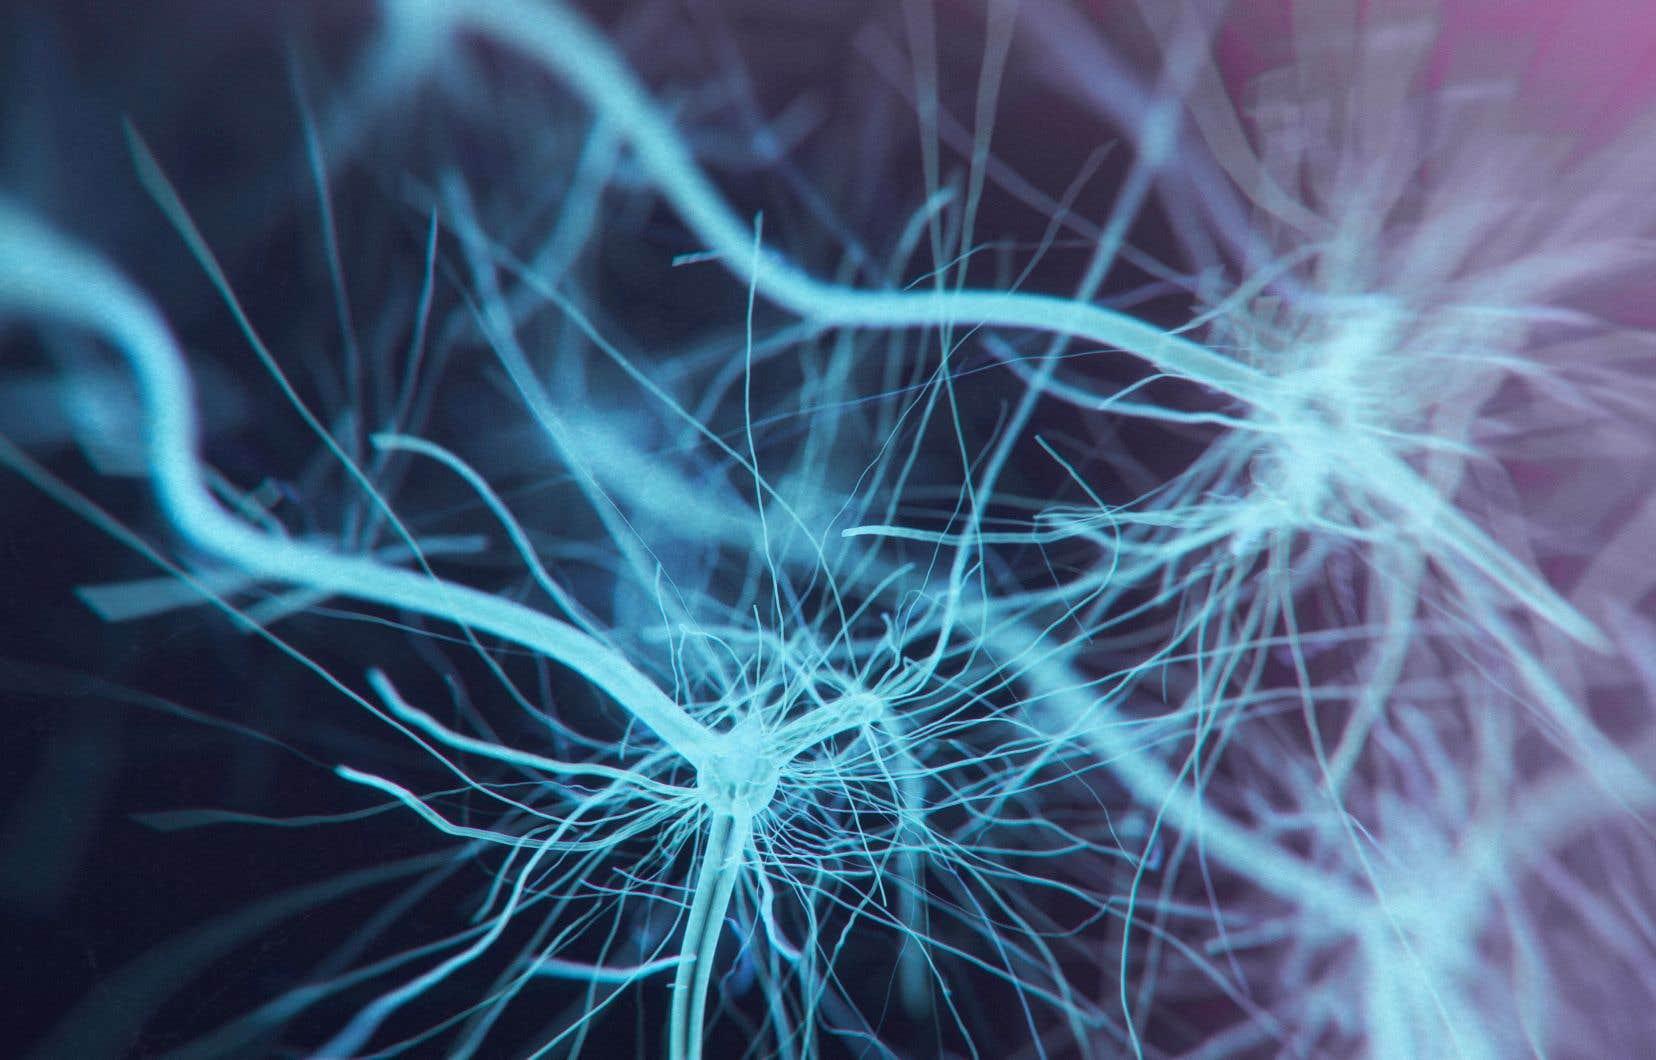 Lorsque la douleur est parvenue à la moelle épinière, l'information douloureuse emprunte aussi un autre circuit qui se dirige quant à lui vers l'amygdale, une structure du lobe temporal du cerveau intervenant dans les émotions et la peur, qui génère cette sensation déplaisante associée à la douleur qui apparaît à peu près en même temps que la sensation physique de la douleur.